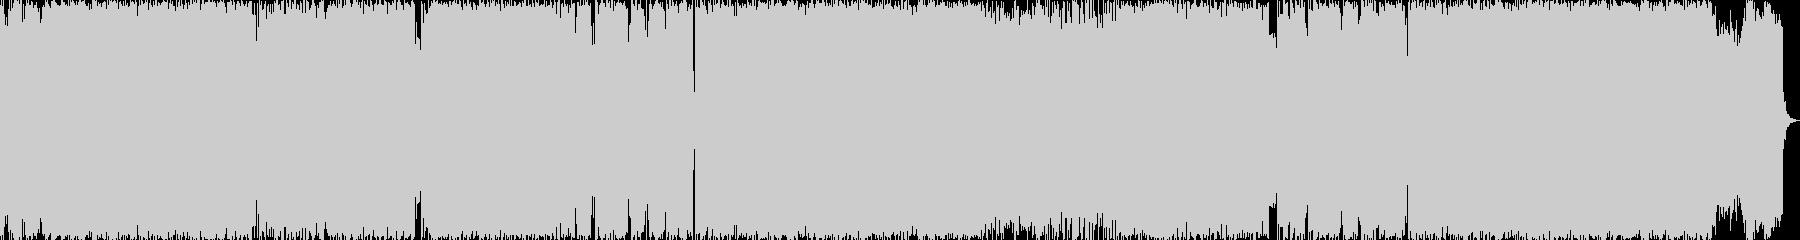 ストレート・クールなネオクラシカルメタルの未再生の波形